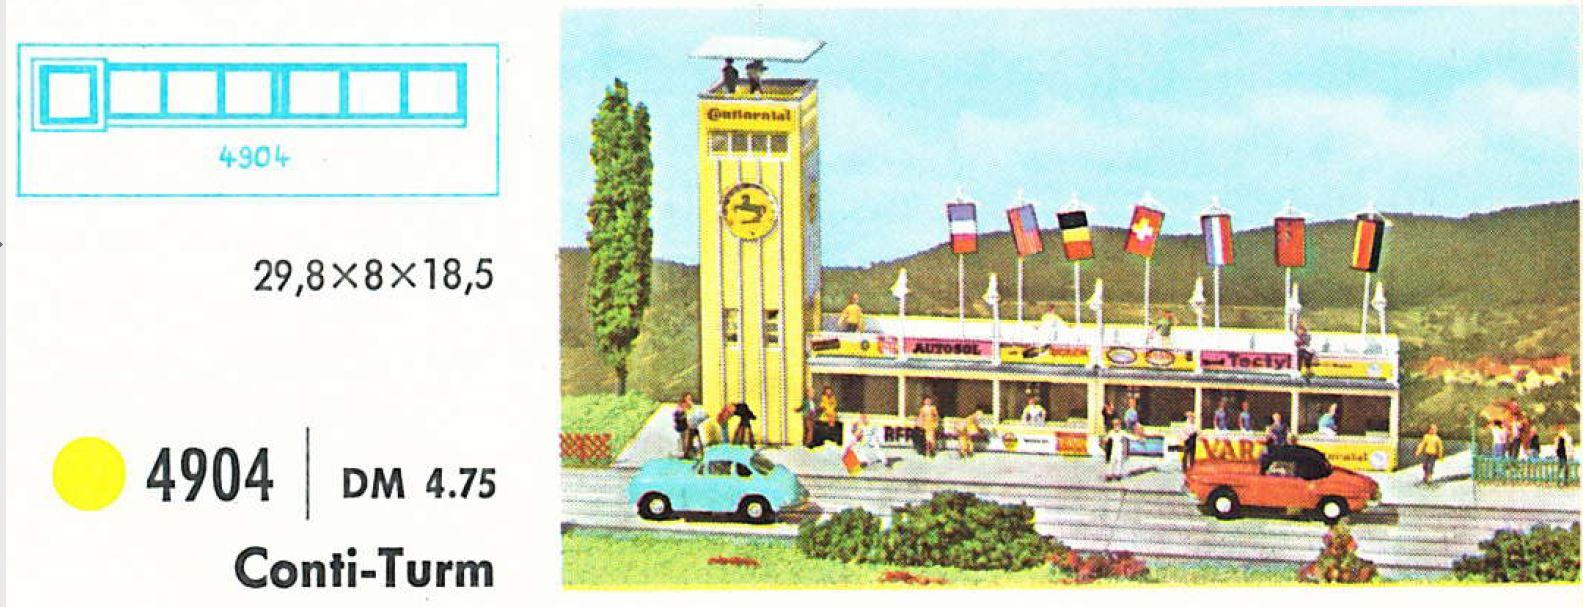 002-jahreskatalog-1964-1965-teil-1-j-seite-13